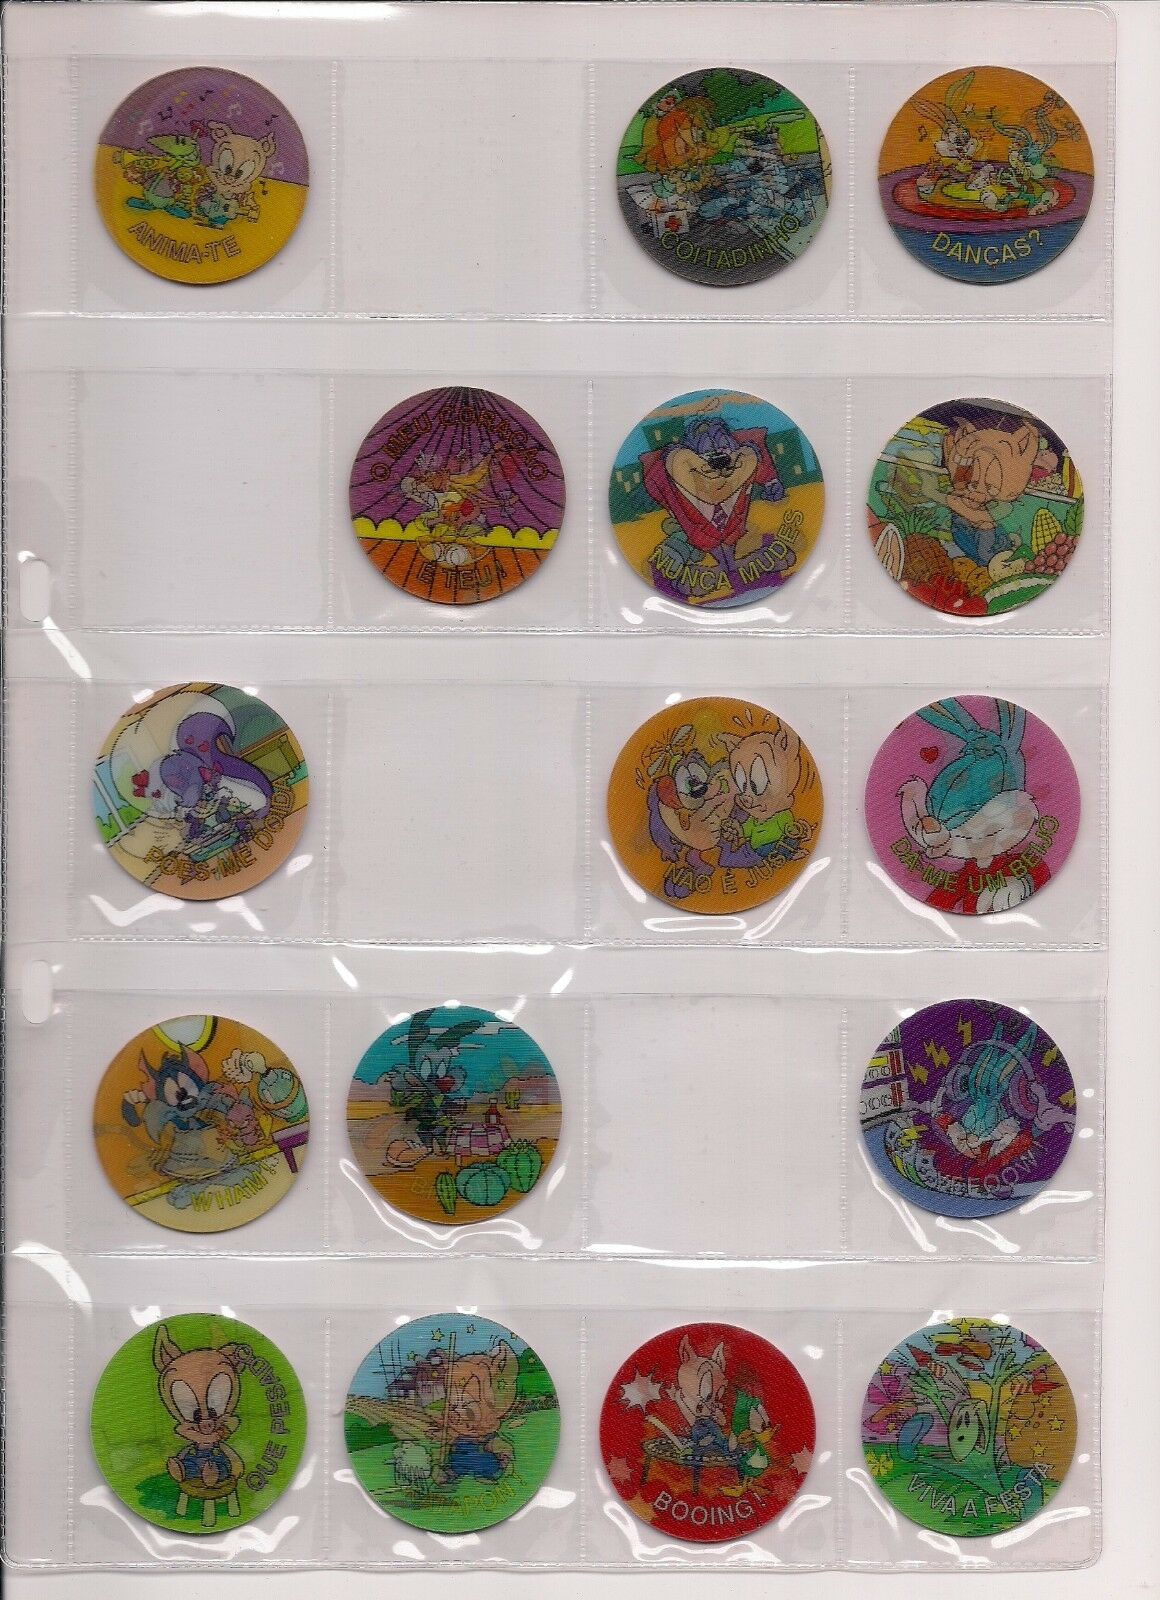 RARE Magic lenticulaire tazos POGS Lot X 16 Looney Toons matutano Portugal